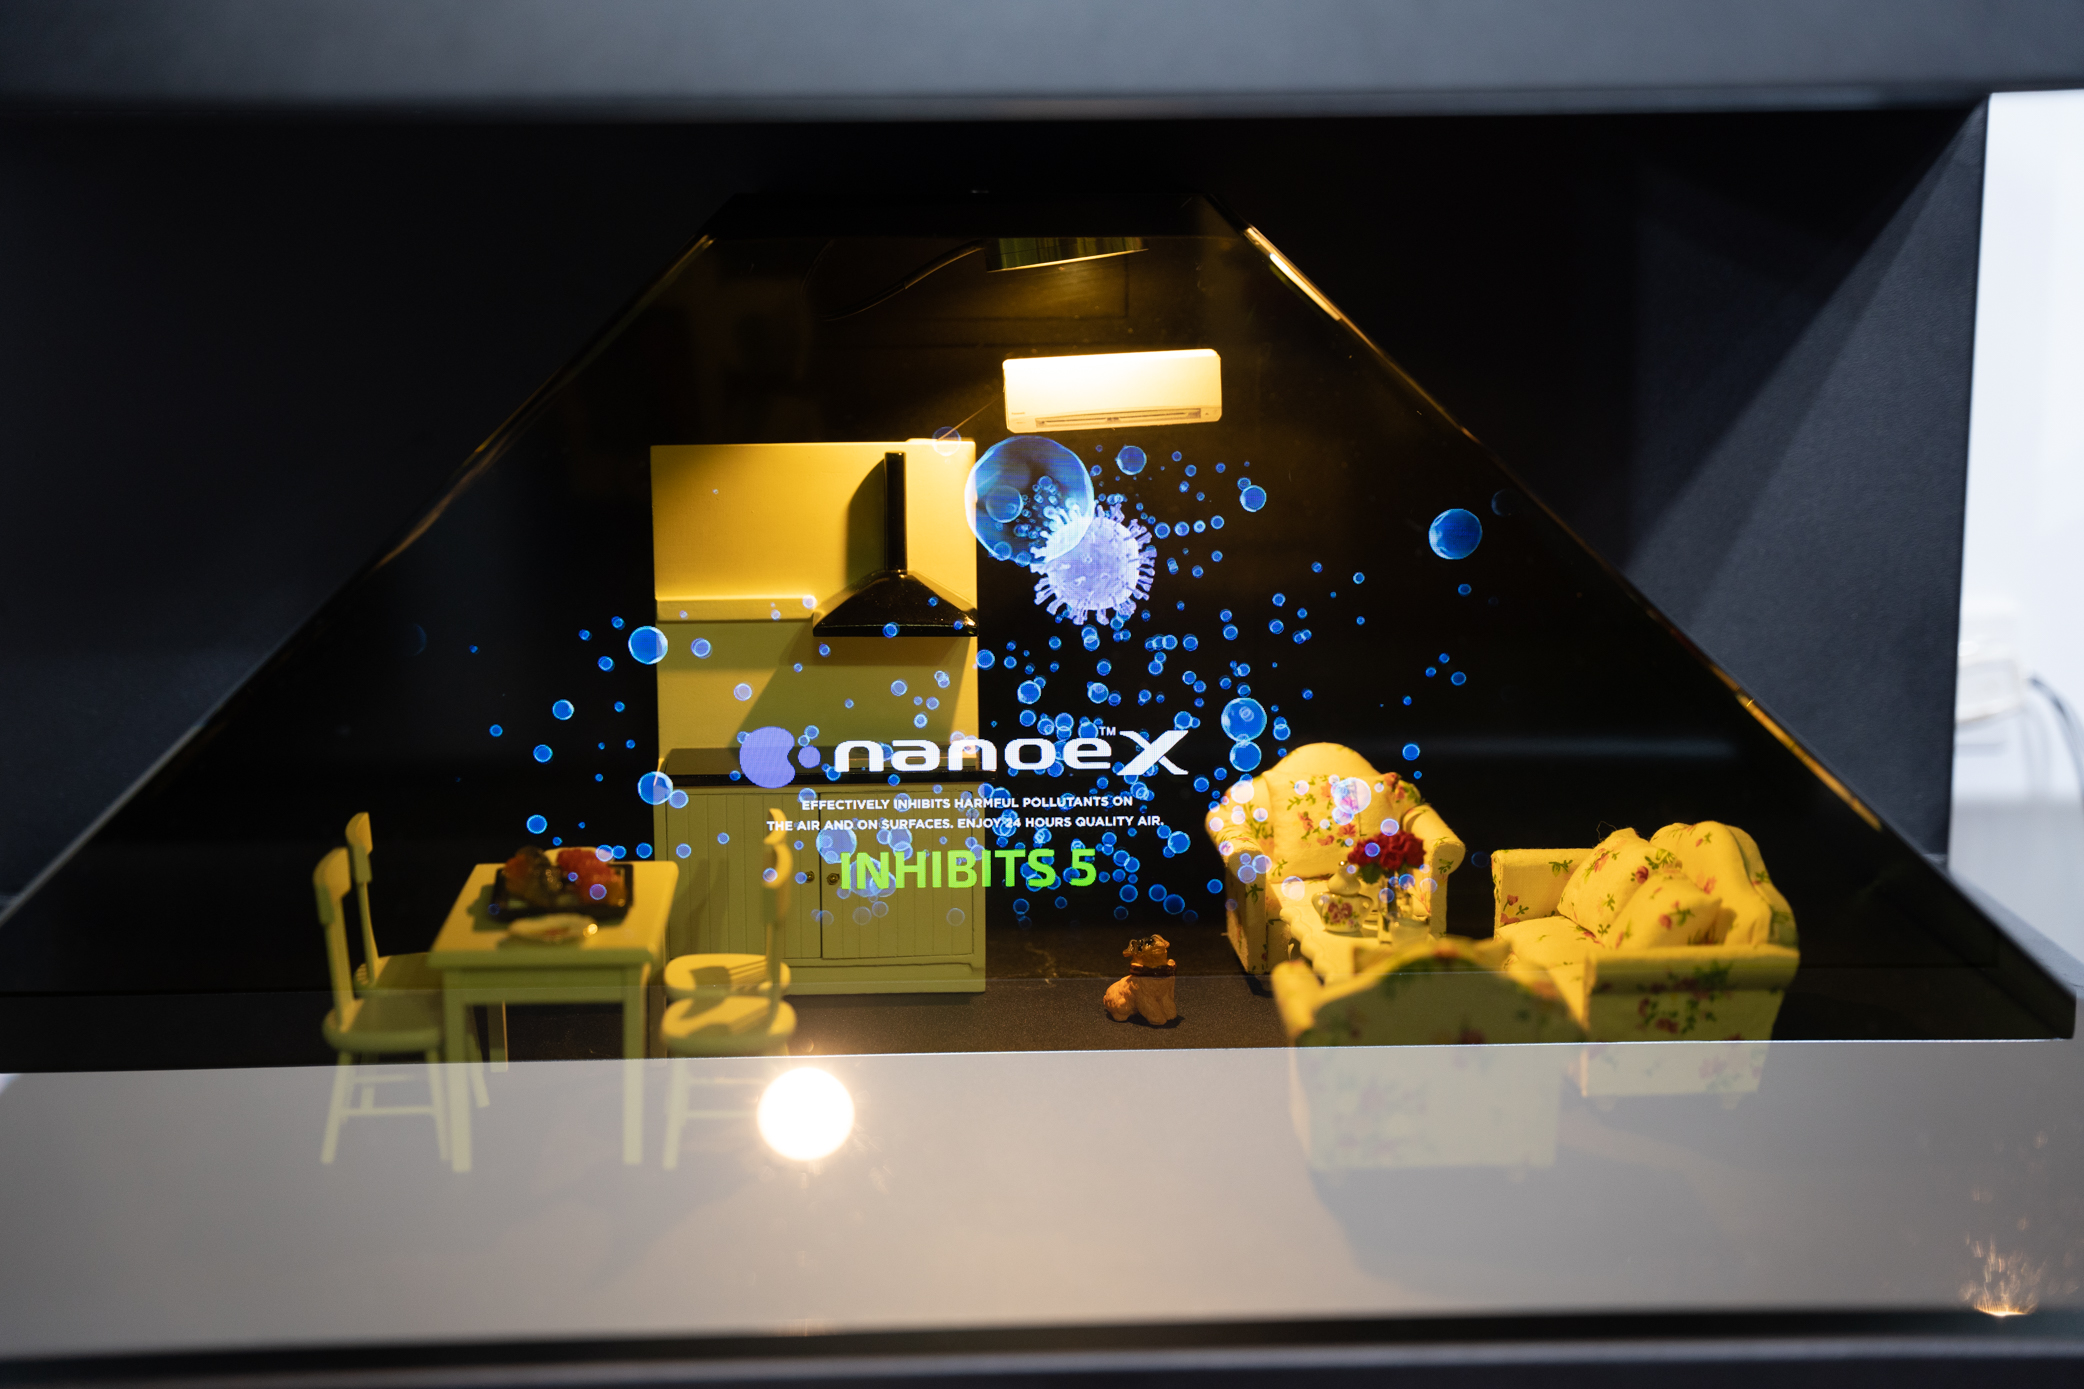 Hologram minh hoạ công nghệ Nanoe X ức chế hoạt động của các tác nhân gây ô nhiễm